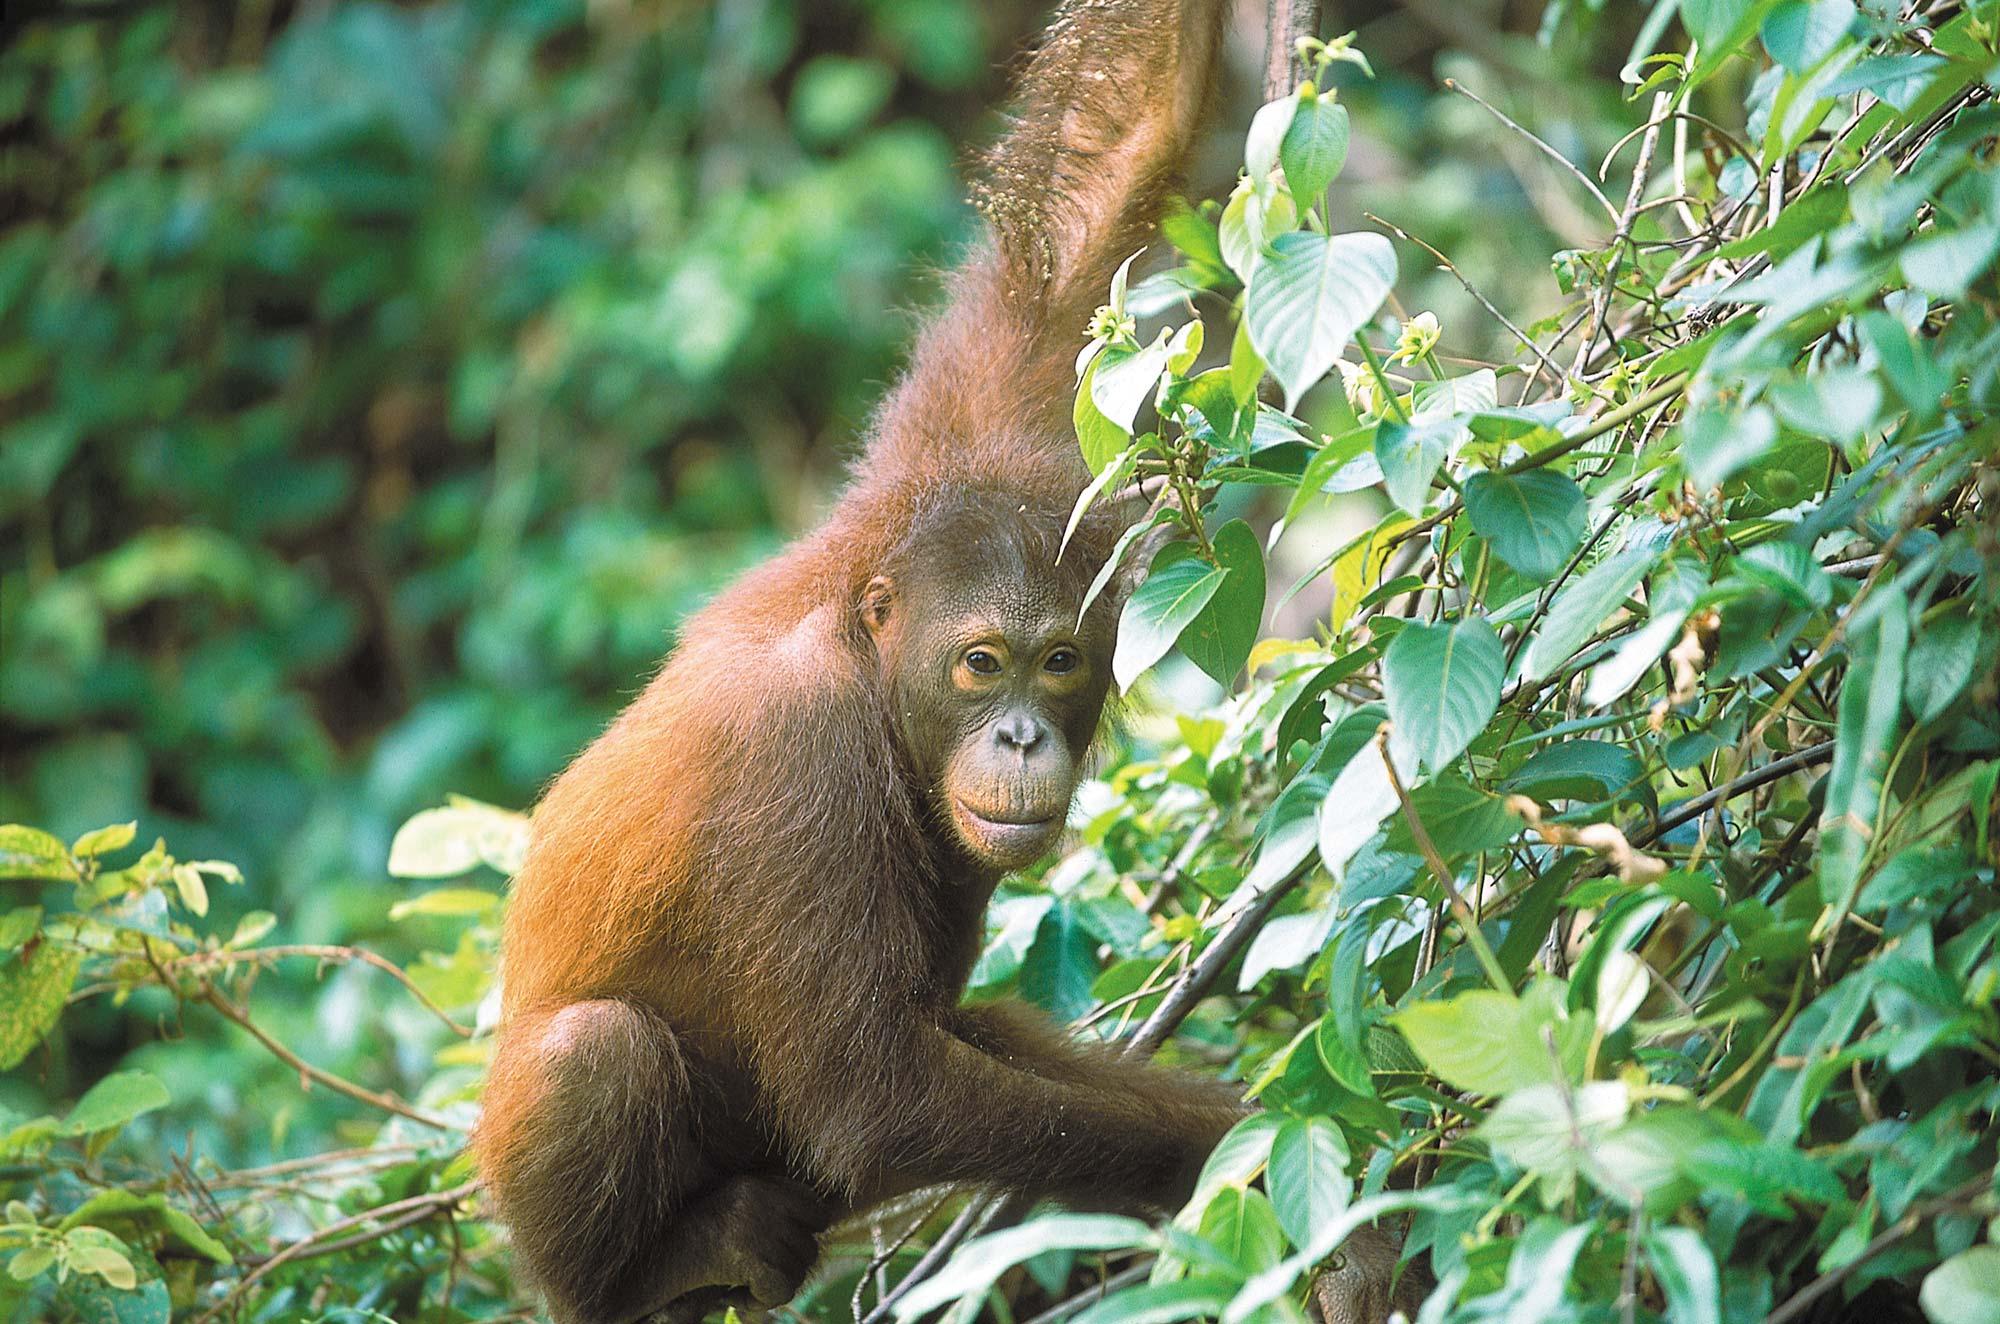 sabah-tourism-david-kirkland-56-orangutan.jpg